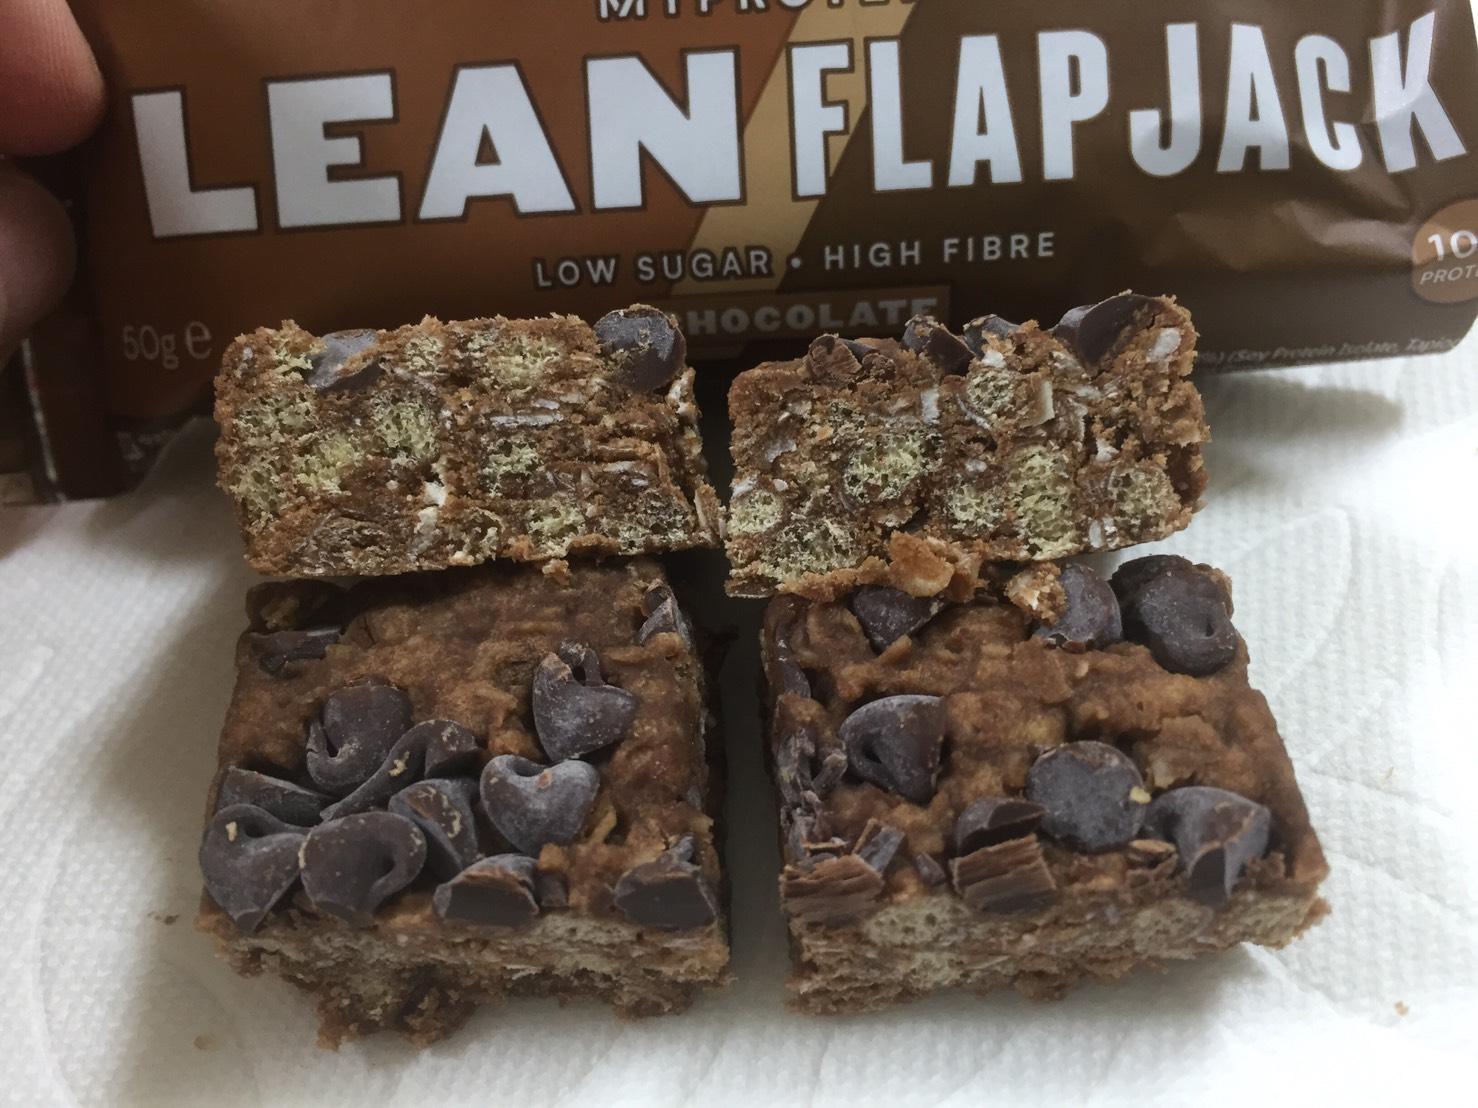 リーンフラップジャック「チョコレート味」のレビュー